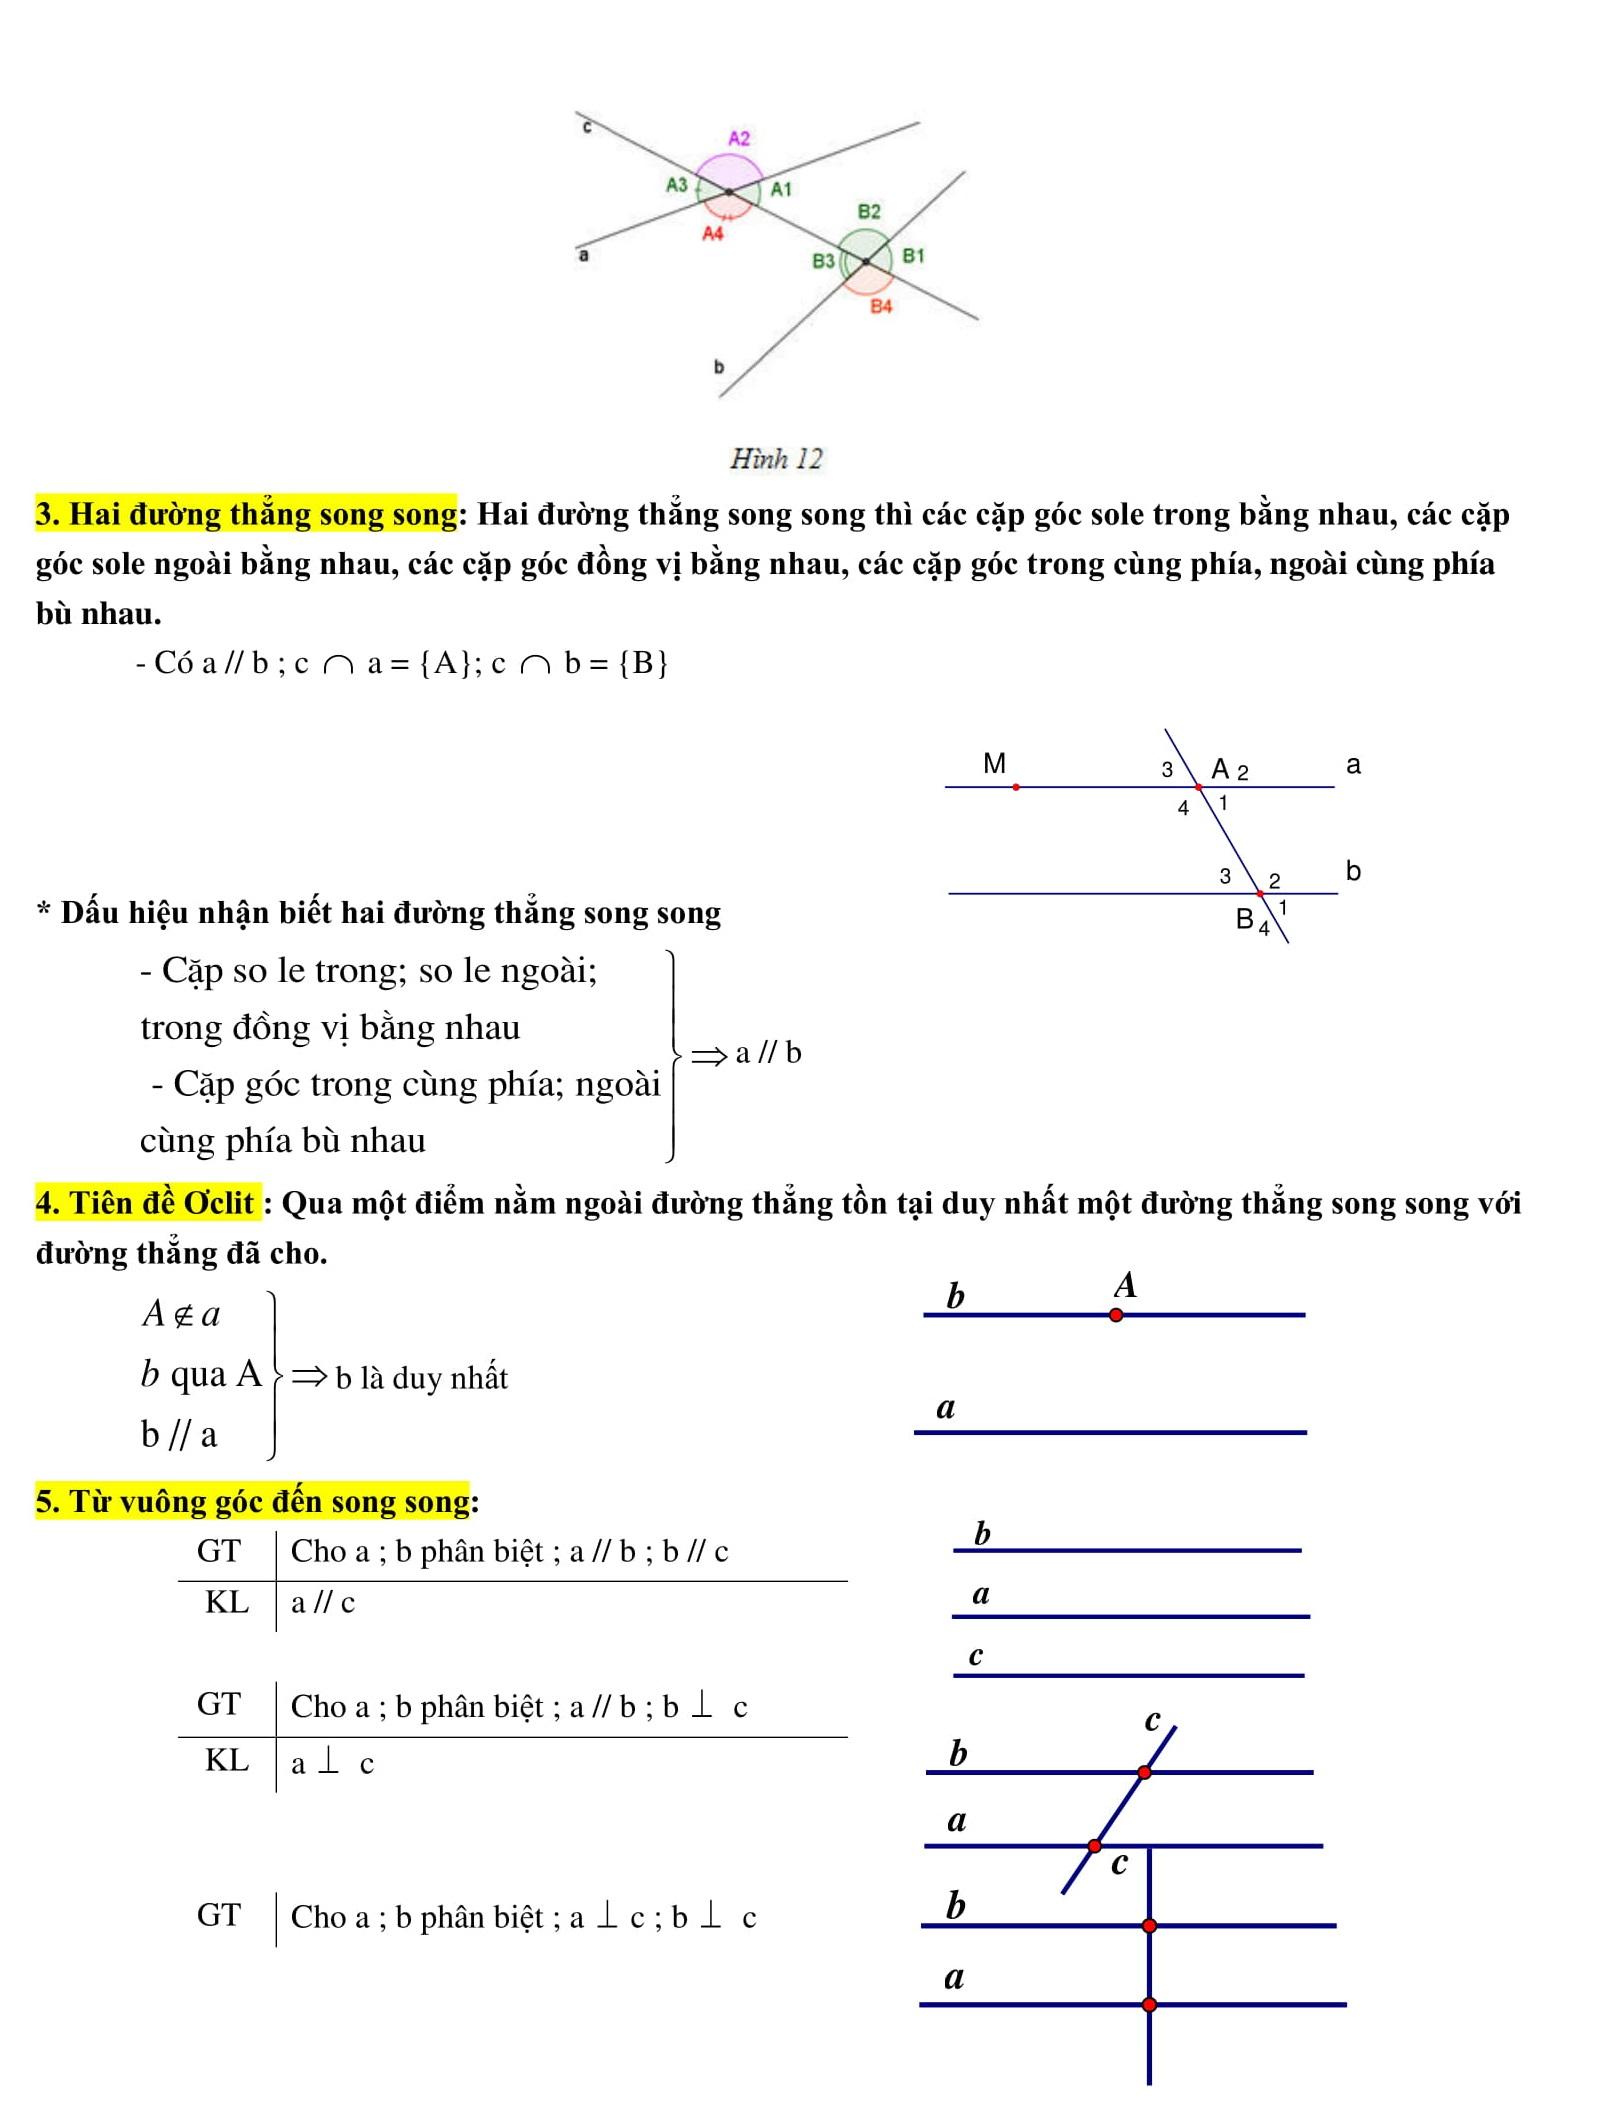 Hướng dẫn giải nhanh bài tập Toán hình 7 hiệu quả